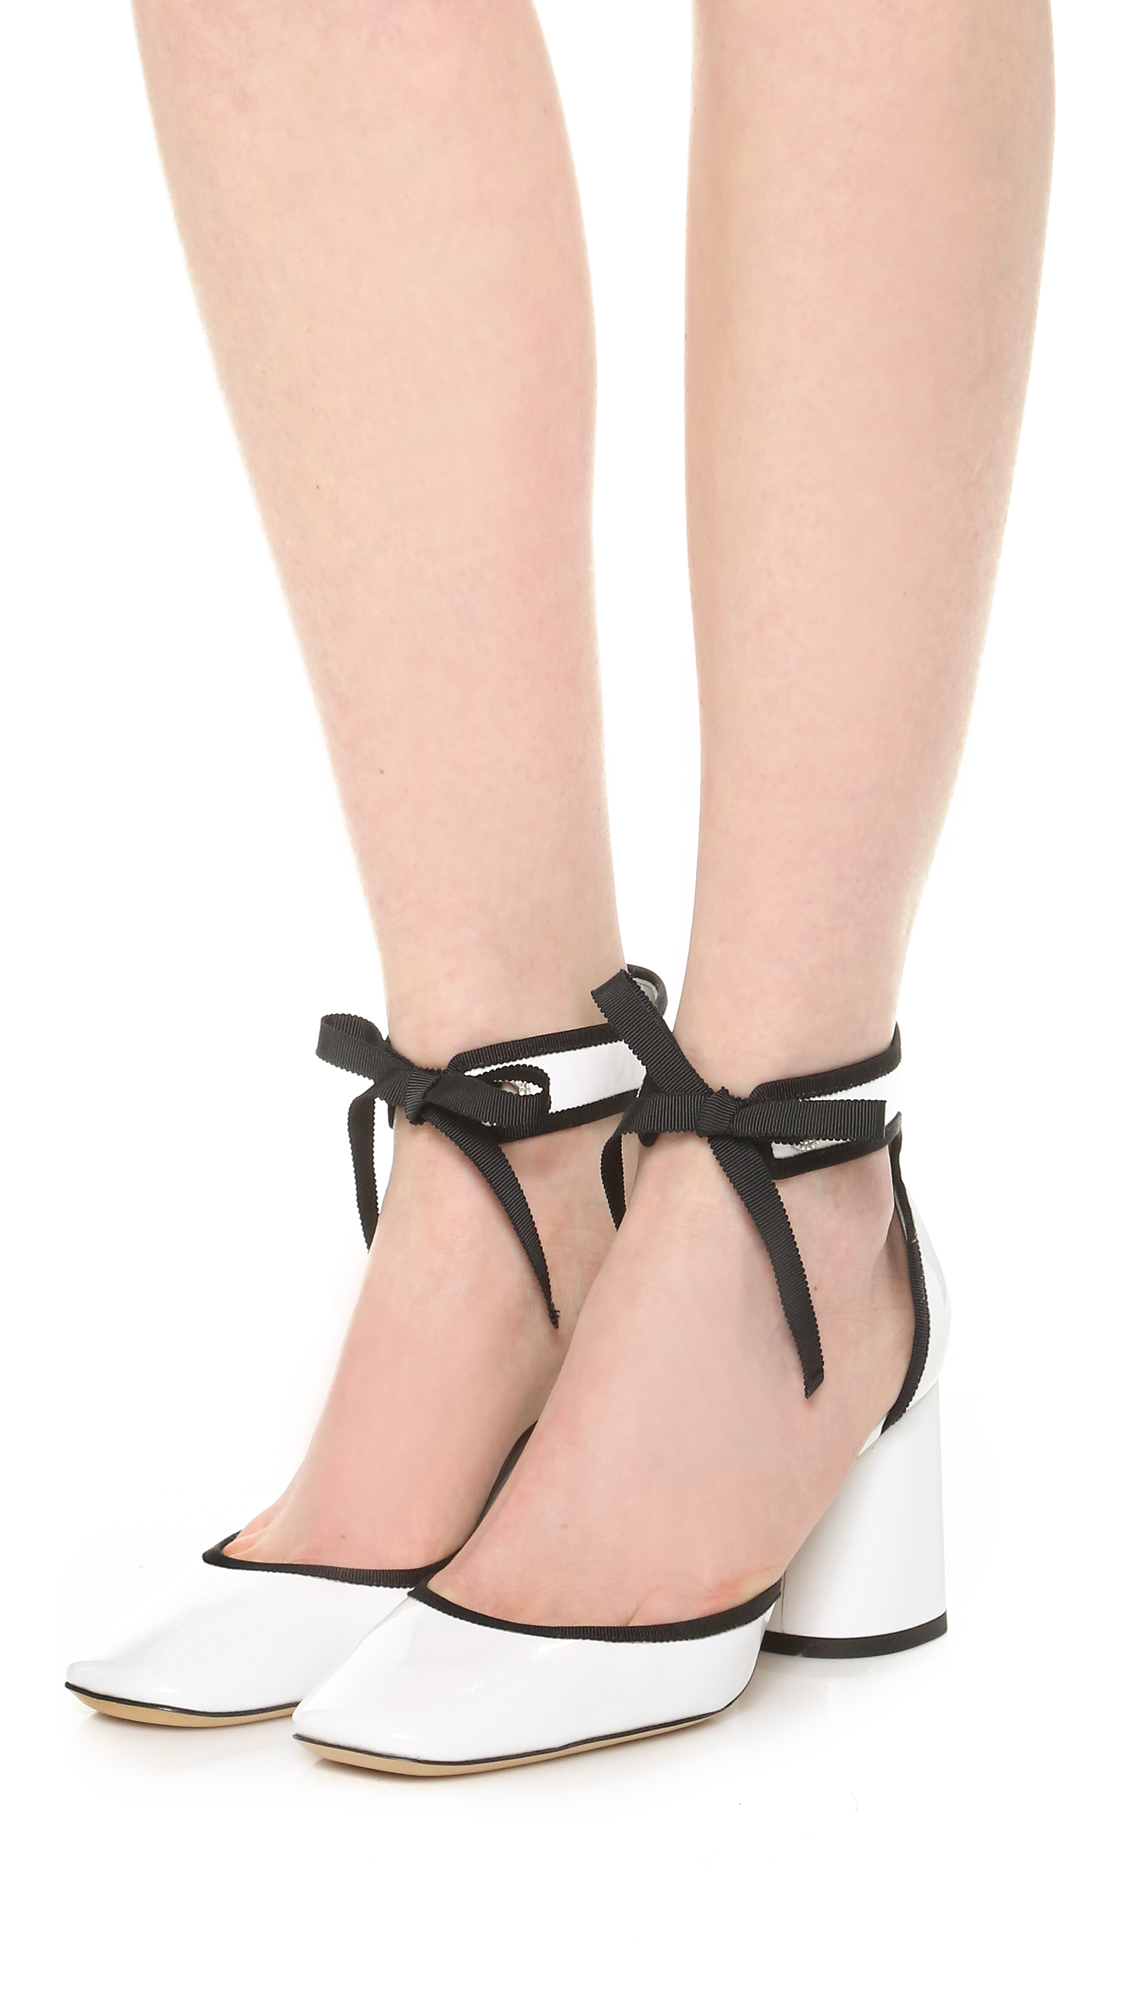 a6e50bbe8193 Marc Jacobs Elle Ankle Strap Pumps